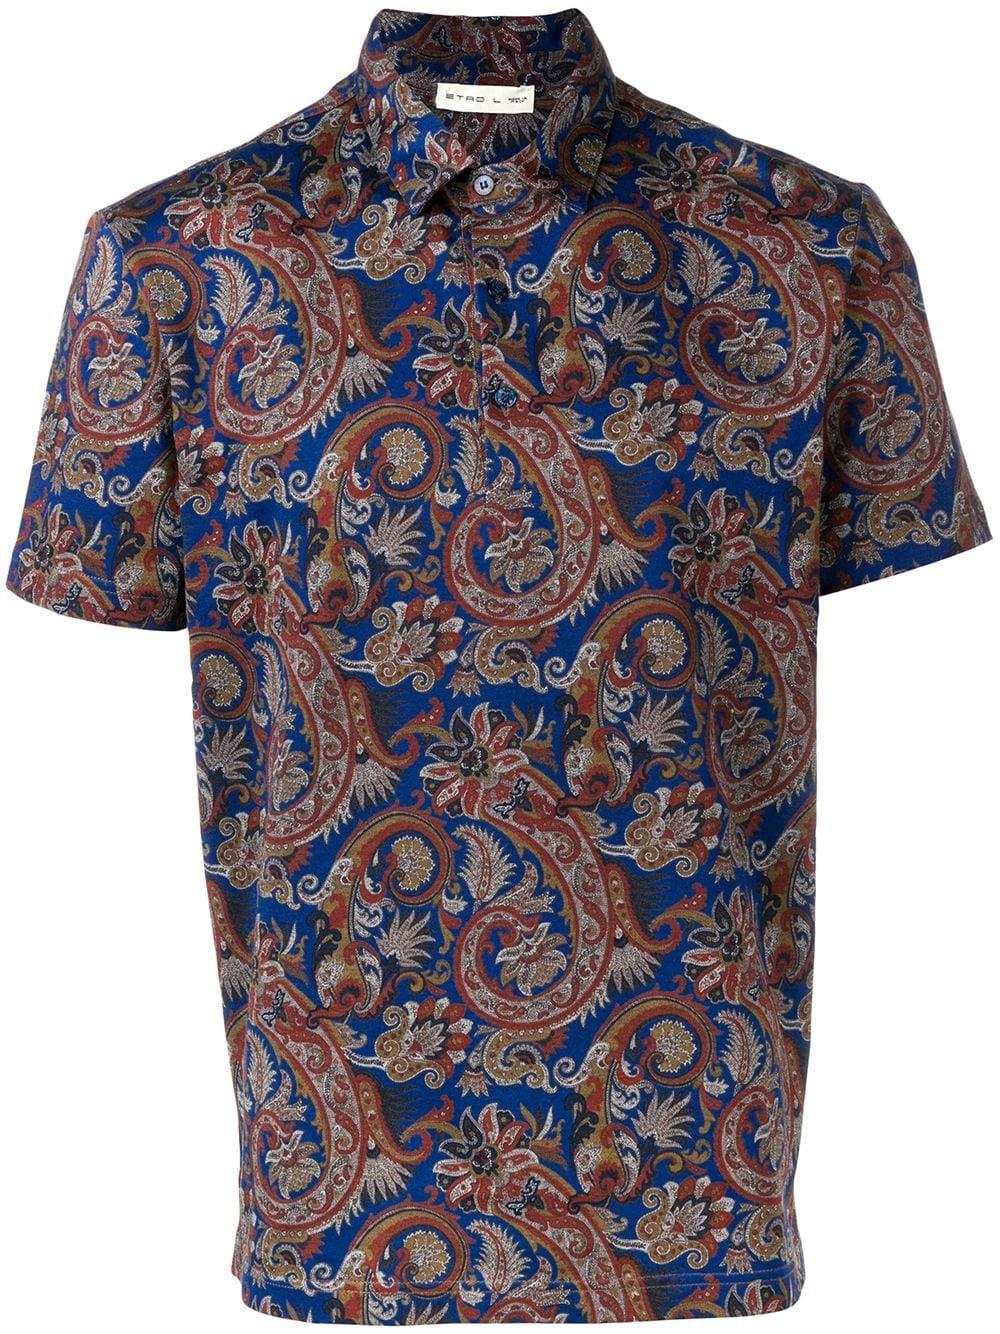 ETRO(エトロ) メンズポロシャツ